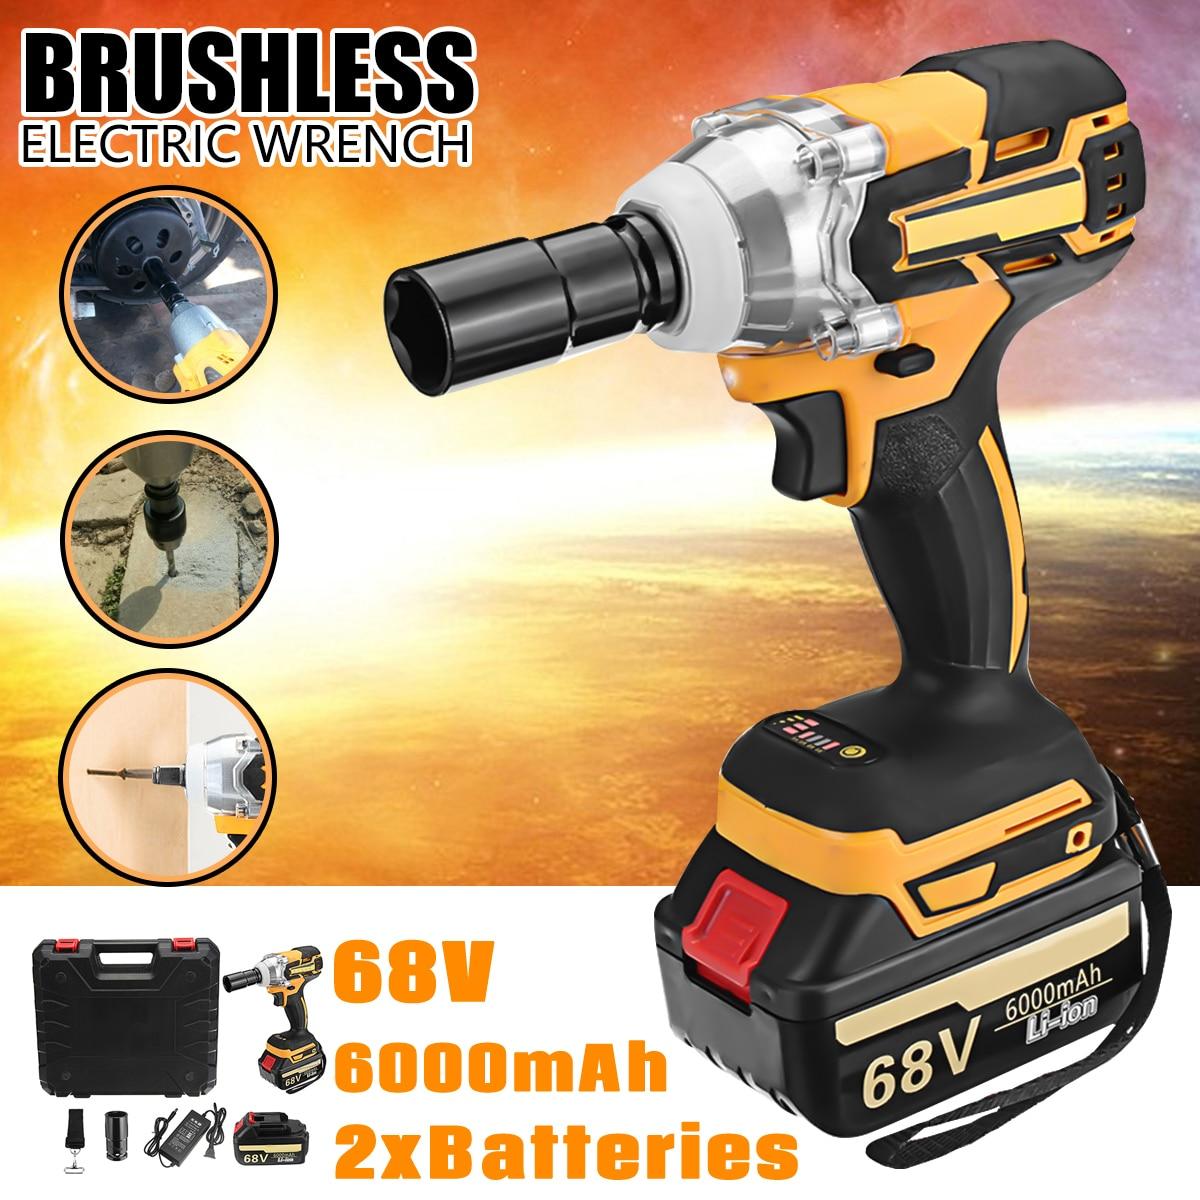 Doersupp 1 pcs 68 v 6000 mah Carregador de Baterias 1 2 Chave Elétrica Brushless Sem Fio Unidade 380 NM Chave Elétrica ferramentas de poder